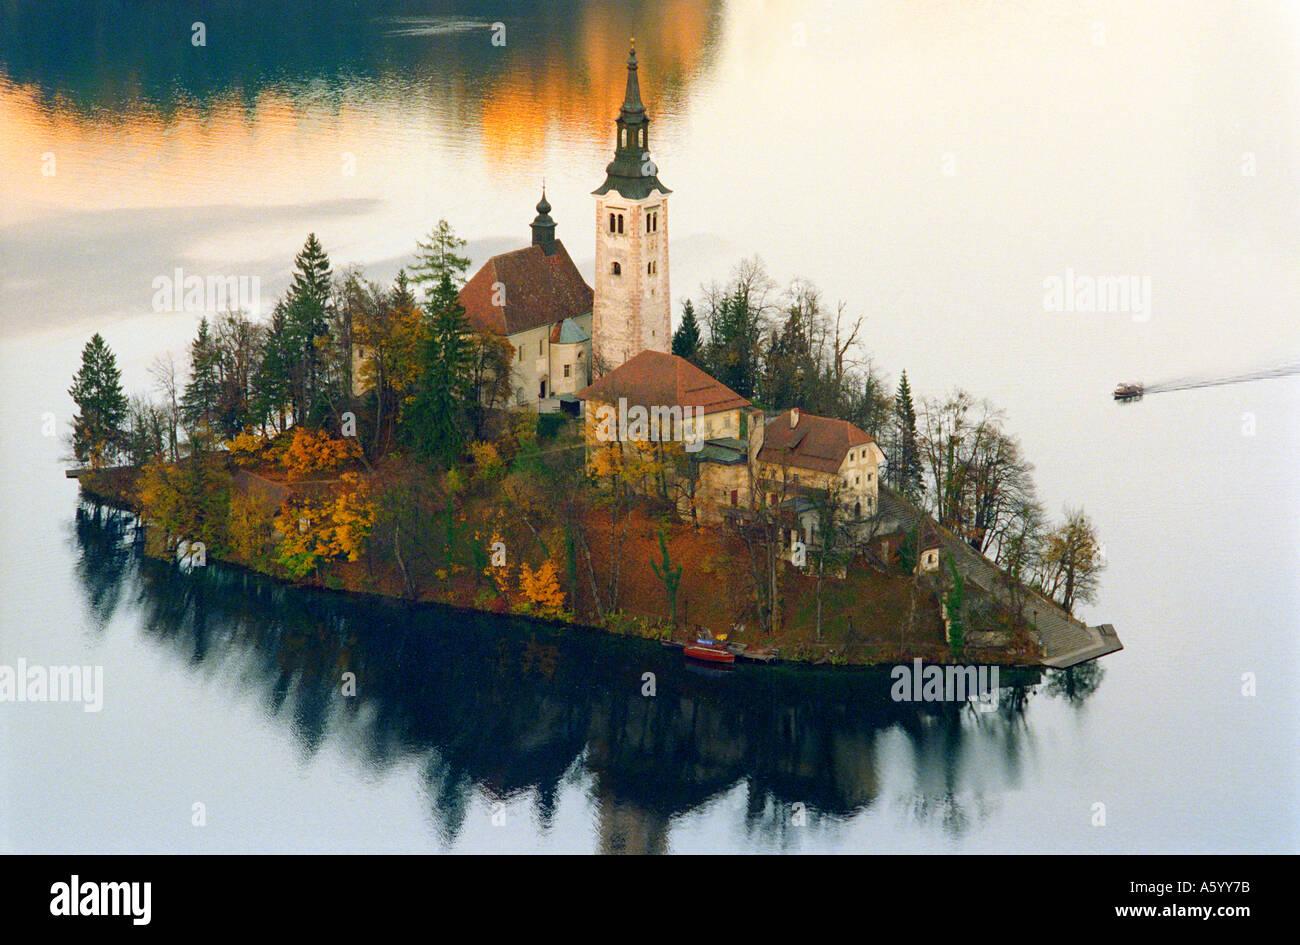 Le LAC DE BLED ISLAND L'AUTOMNE L'église et de l'île de bateaux d'excursion touristique au lac de Bled avec couleurs automnales Slovénie Photo Stock